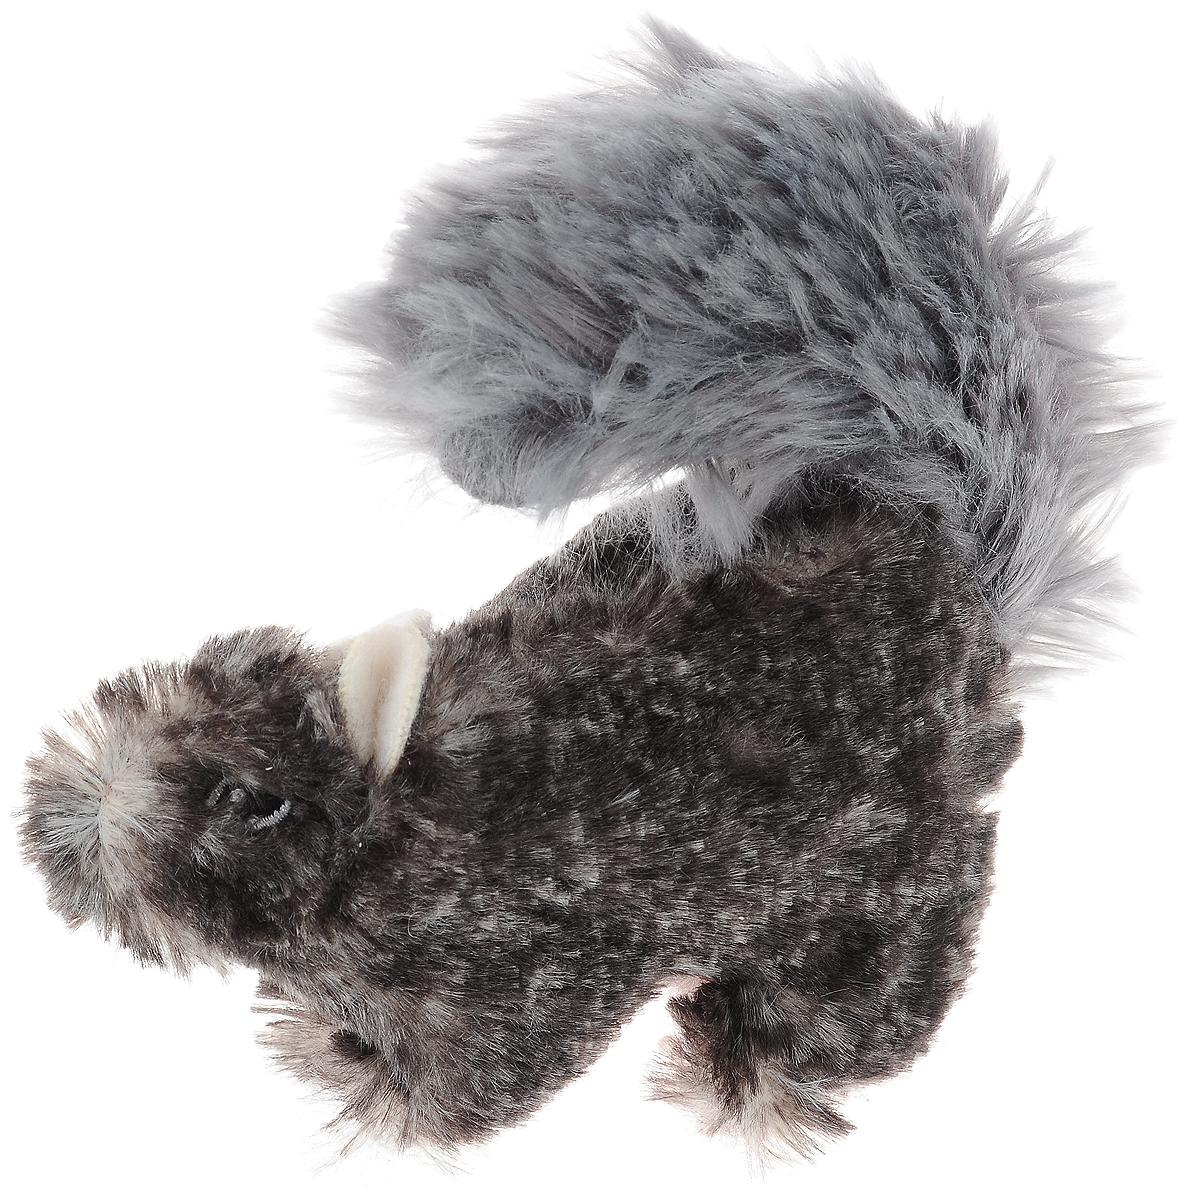 Игрушка для собак GiGwi Белка, с пищалкой, цвет: серый, высота 13 см75308_серыйИгрушка для собак GiGwi Белка порадует вашу собаку и доставит ей море веселья. Несмотря на большое количество материалов, большинство собак для игры выбирают классические плюшевые игрушки. Такие игрушки можно носить, уютно прижиматься во сне, жевать. Некоторые собаки просто любят взять в зубы игрушку и ходить с ней повсюду. Мягкие игрушки сохраняют запах питомца, поэтому он каждый раз к ней возвращается. Милые, мягкие и приятные зверушки характеризуются высоким качеством исполнения и привлекательным дизайном. Внутри игрушки нет наполнителя, что поможет сохранить чистоту в помещении. Игрушка снабжена пищалкой, которая привлекает внимание животного.